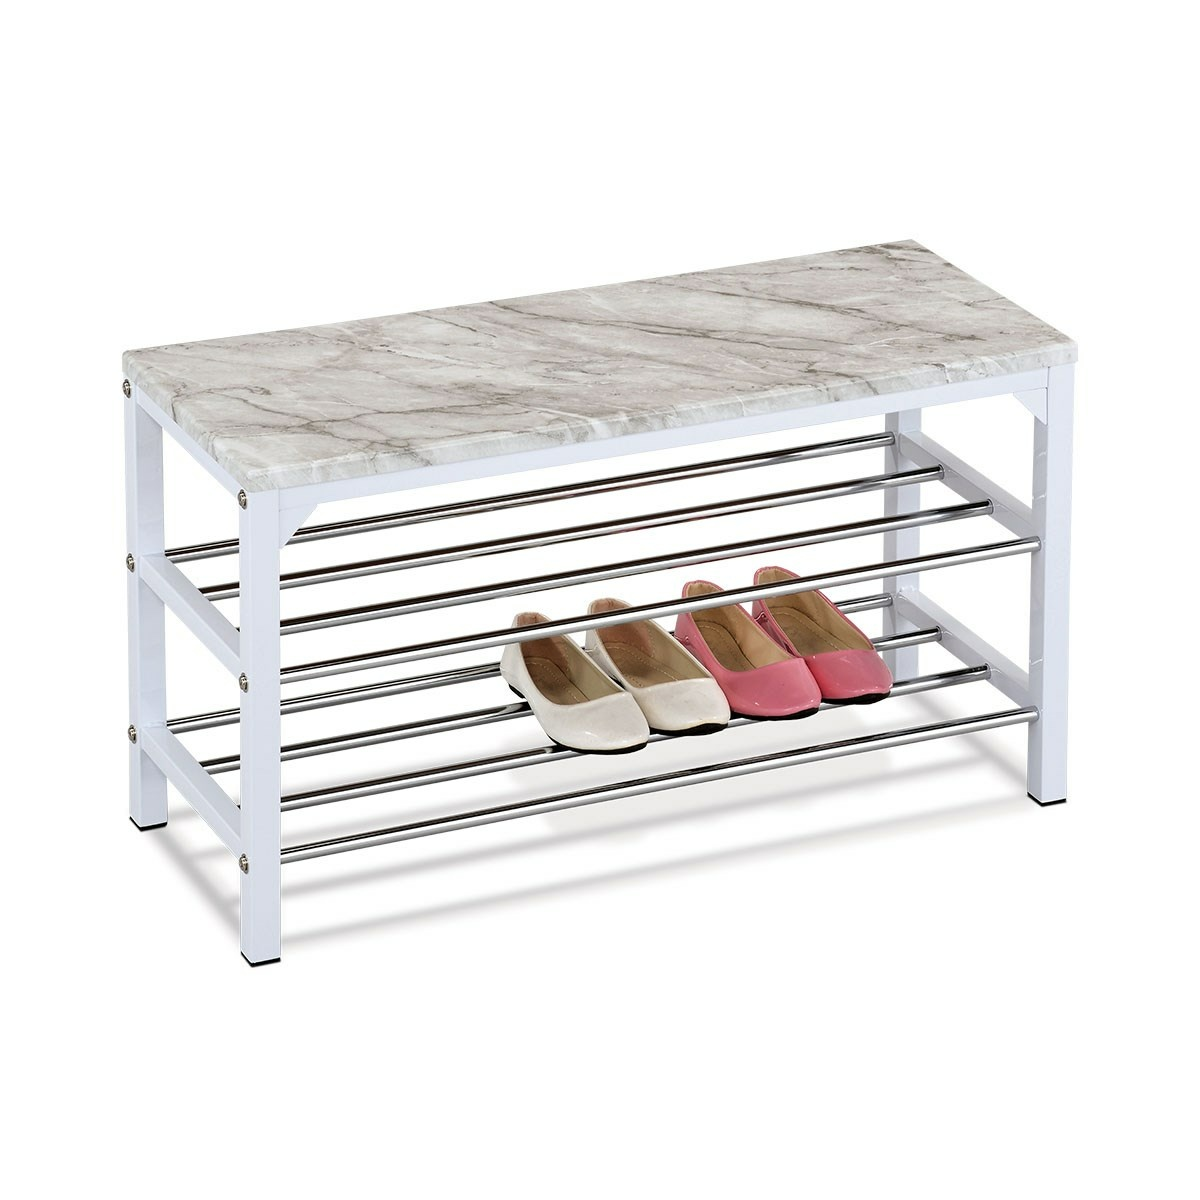 Botník/taburet 2 patra Grey marble, 77 x 29 x 42 cm